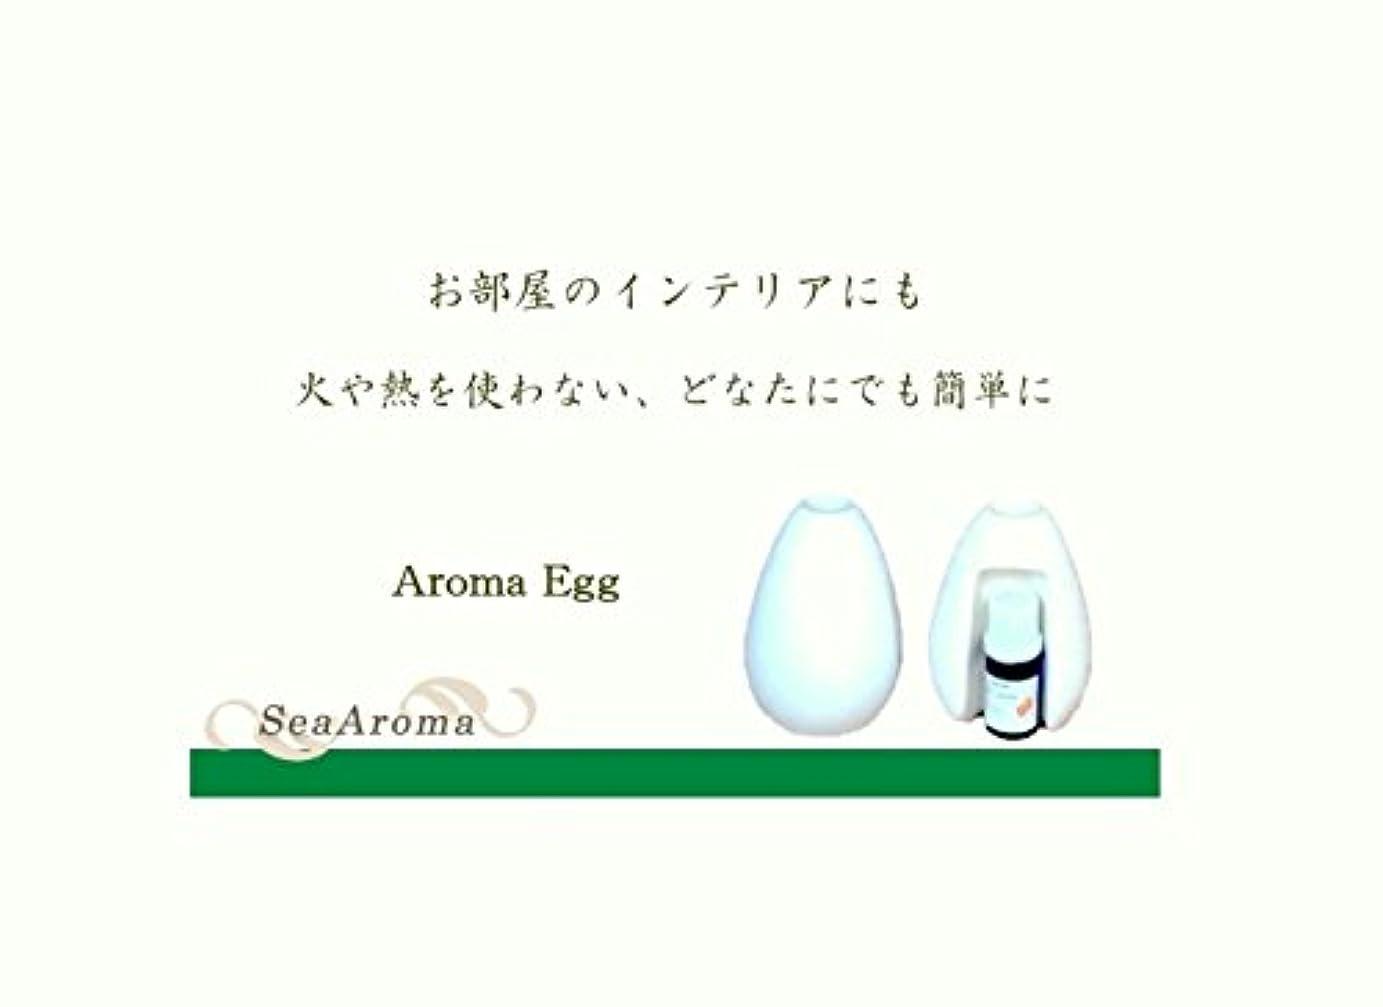 遺産勝利した療法Aroma Egg